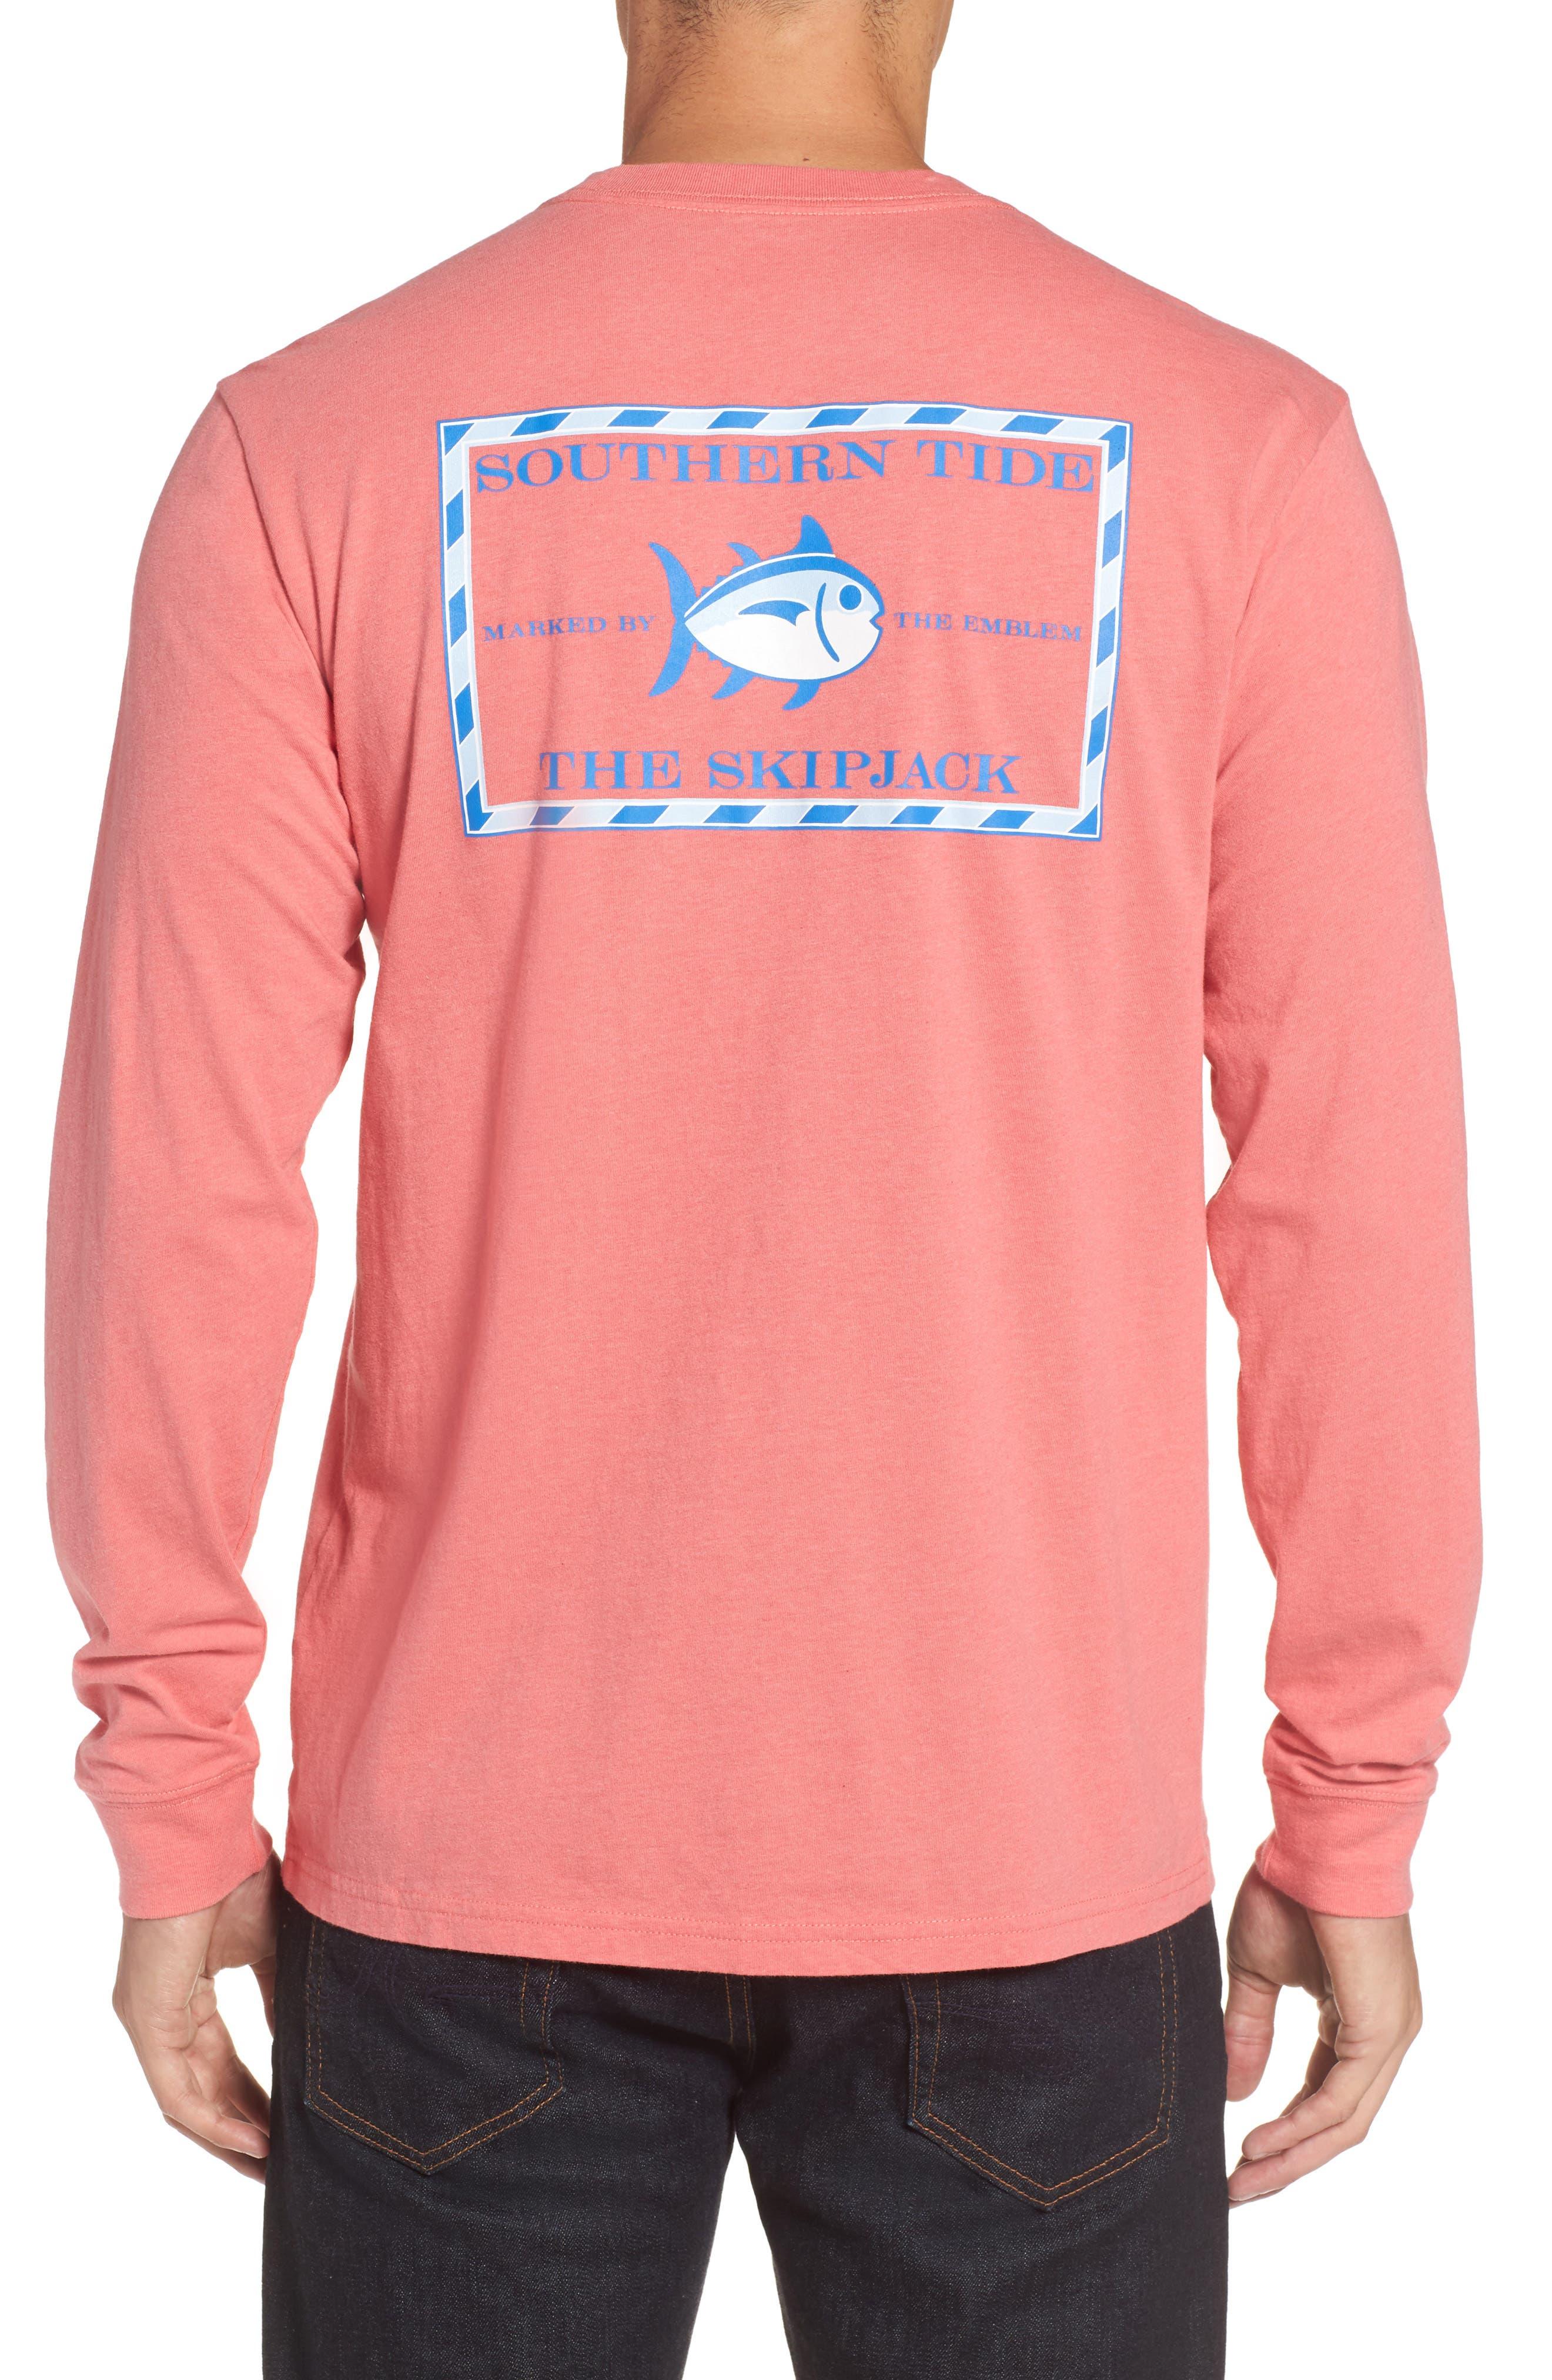 Alternate Image 1 Selected - Southern Tide Original Skipjack T-Shirt